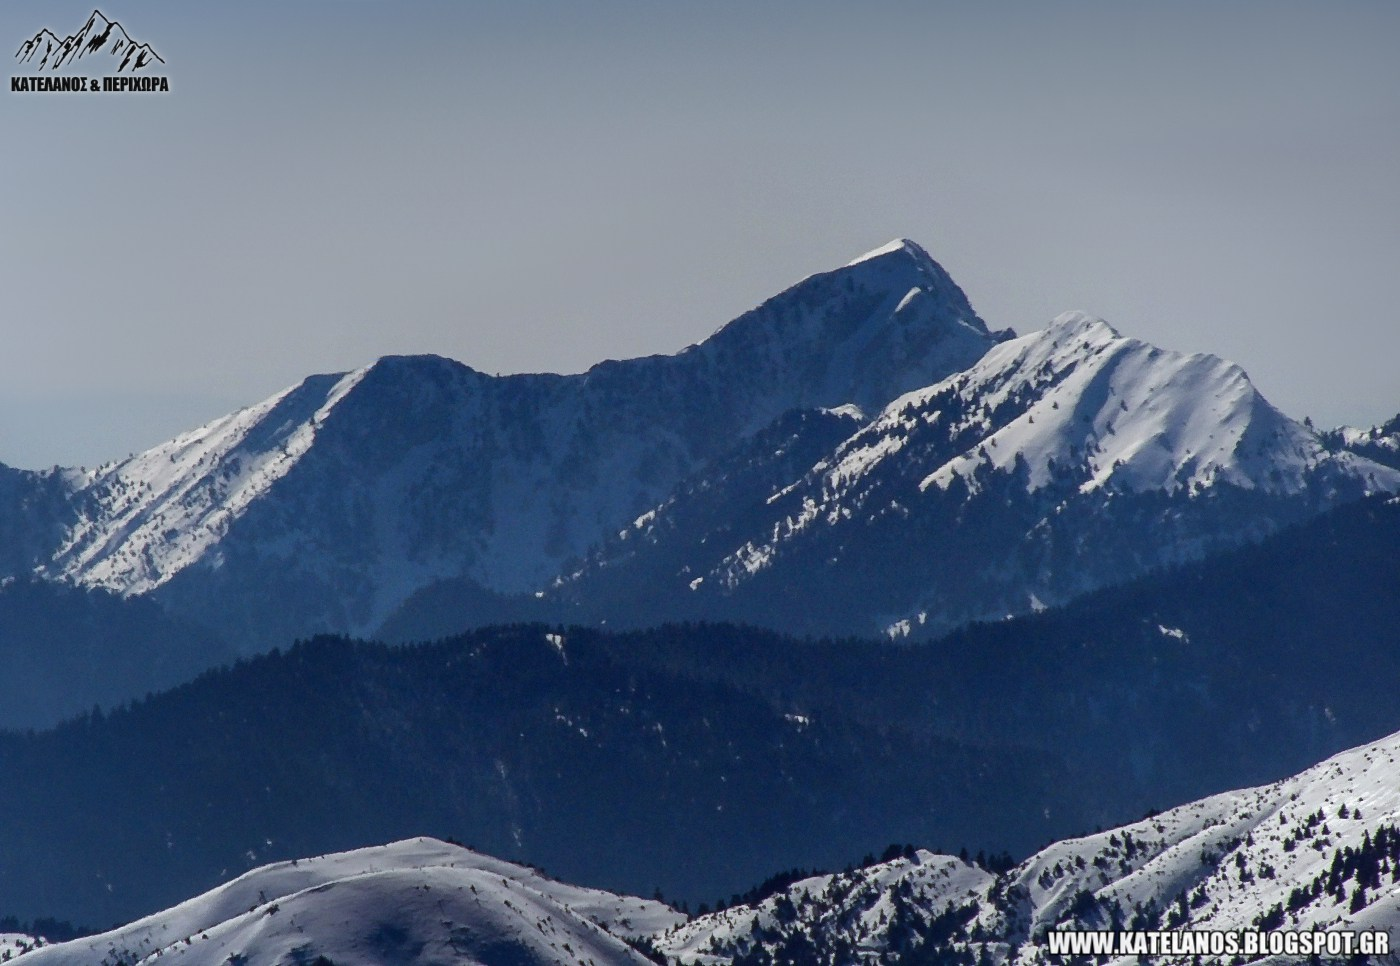 αννινος βουνο παναιτωλικο ορος